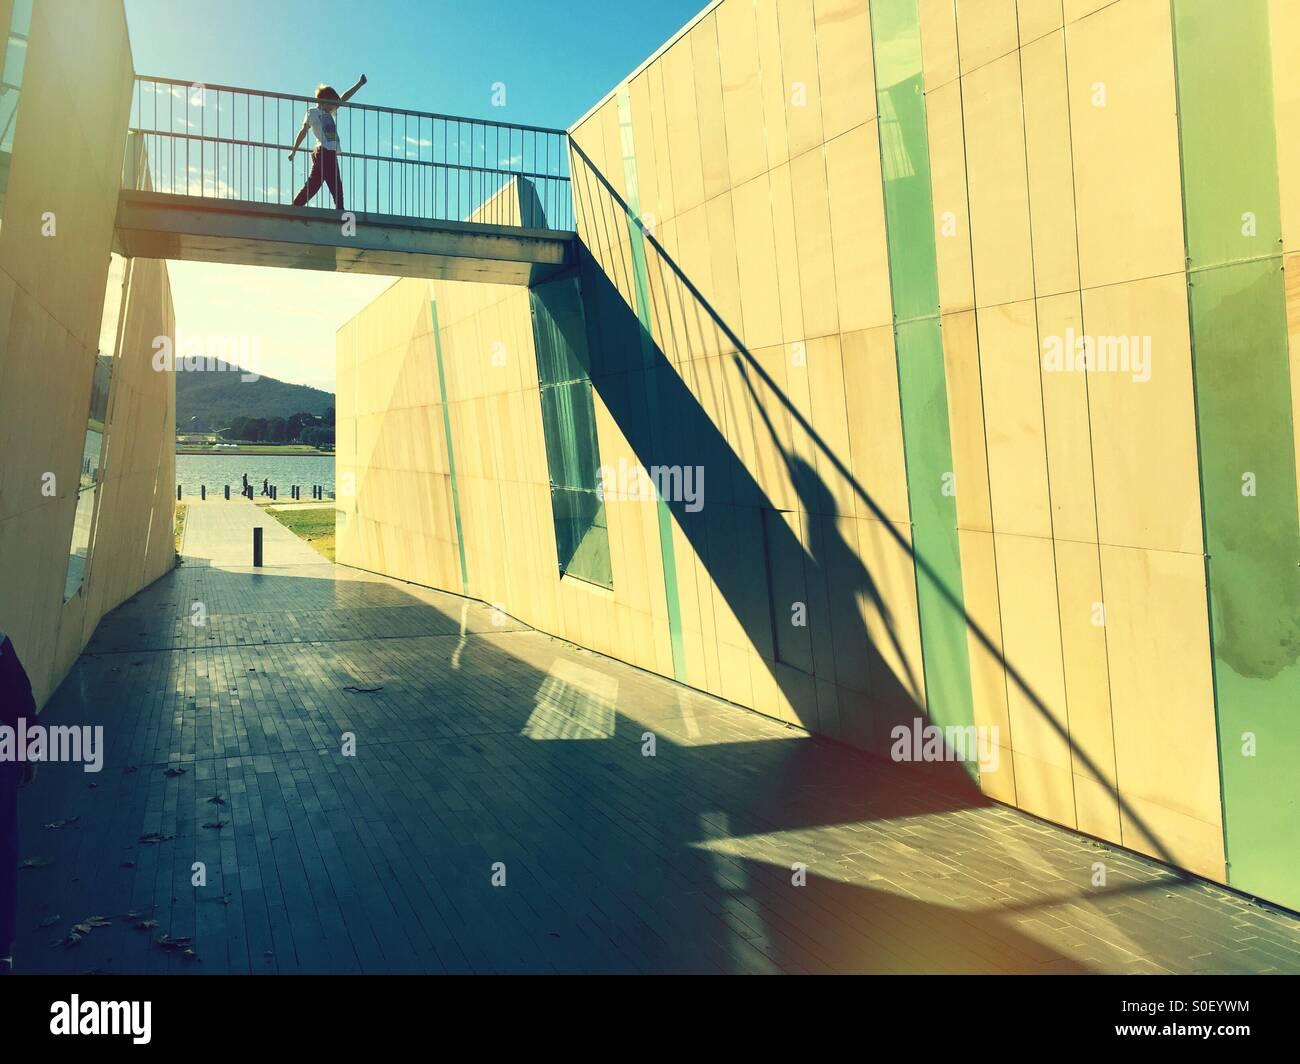 Un ragazzo scavalcare un ponte su un sottopassaggio Immagini Stock